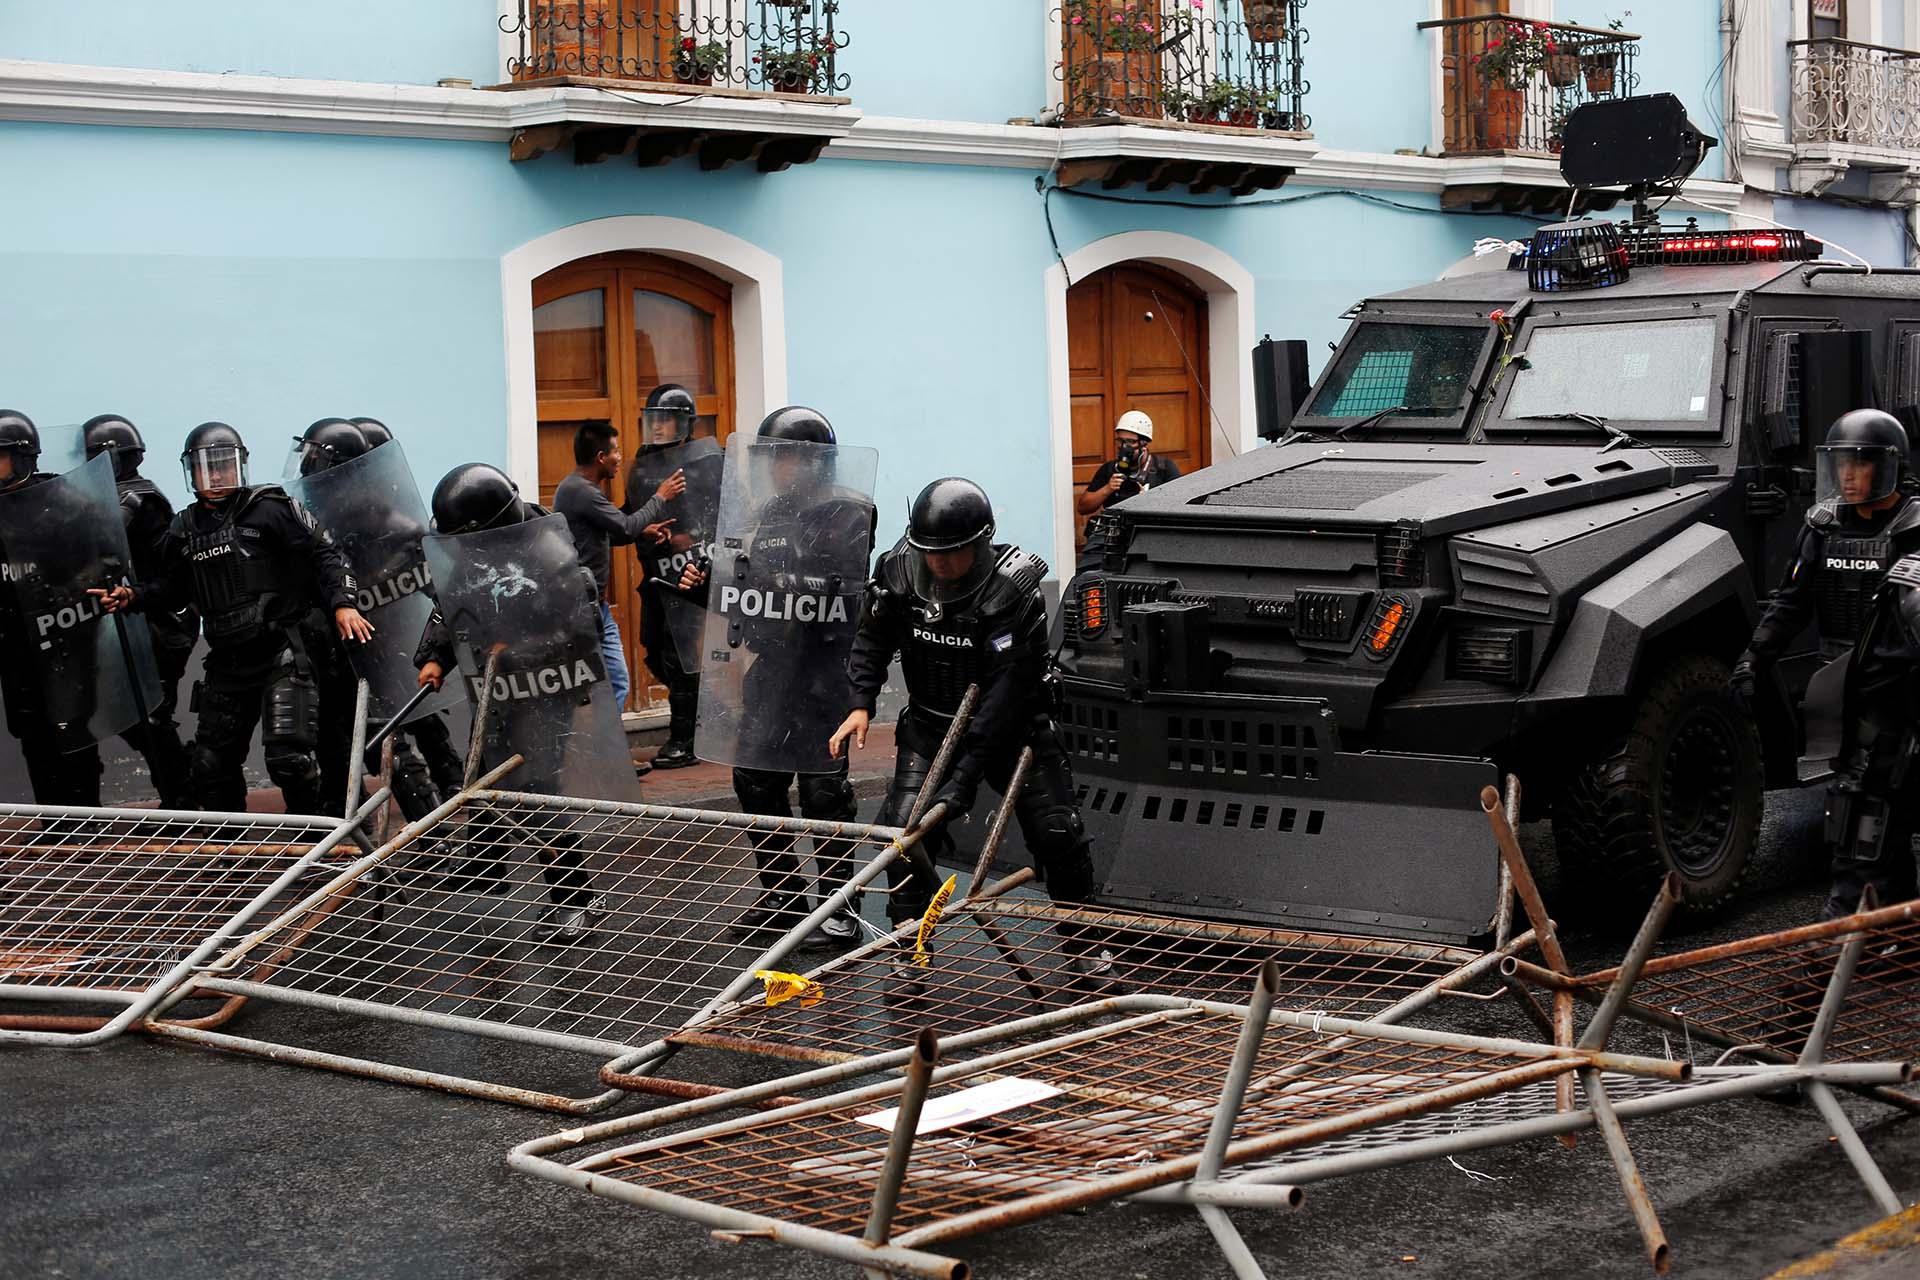 La policía avanza luego de que los manifestantes derribaran las vallas de seguridad (REUTERS/Daniel Tapia)